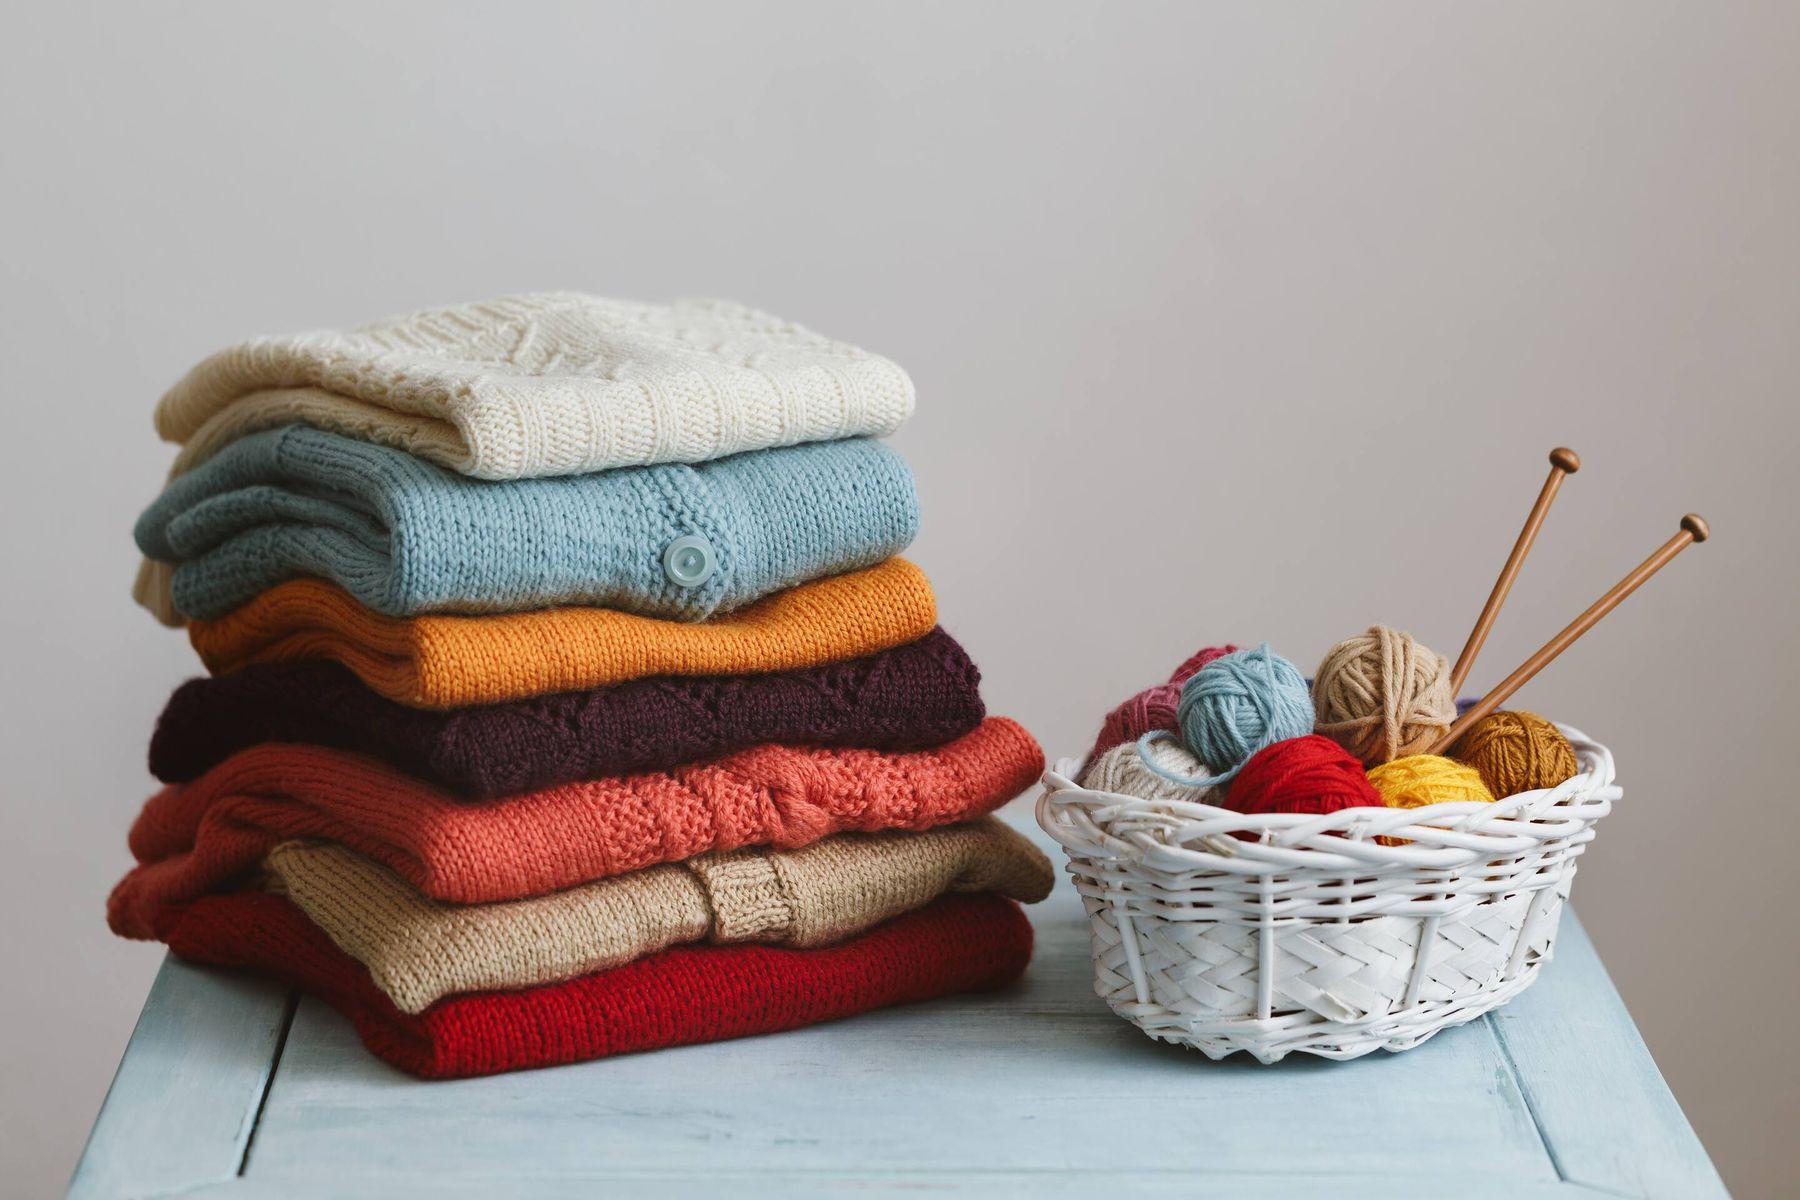 ऊनी कपड़ों से आ रही गंध को कैसे करें दूर | क्लीएनीपीडिया